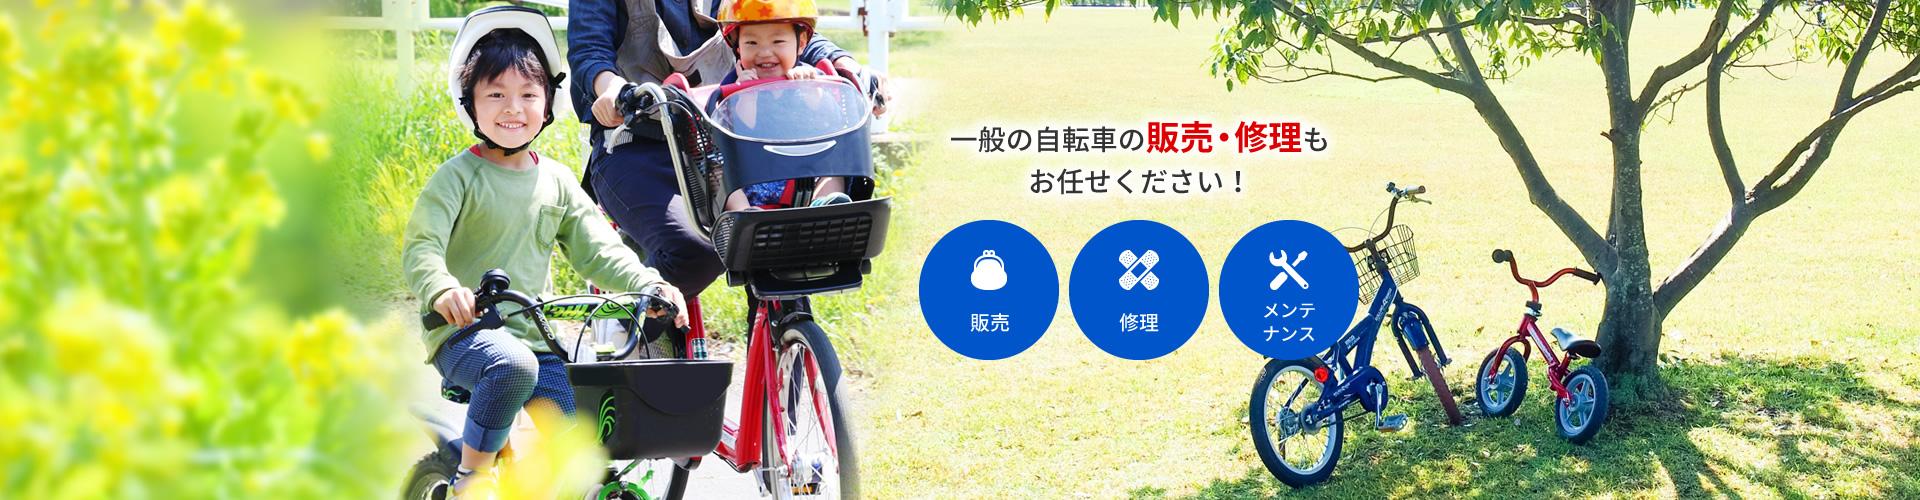 一般の自転車の販売・修理もお任せください